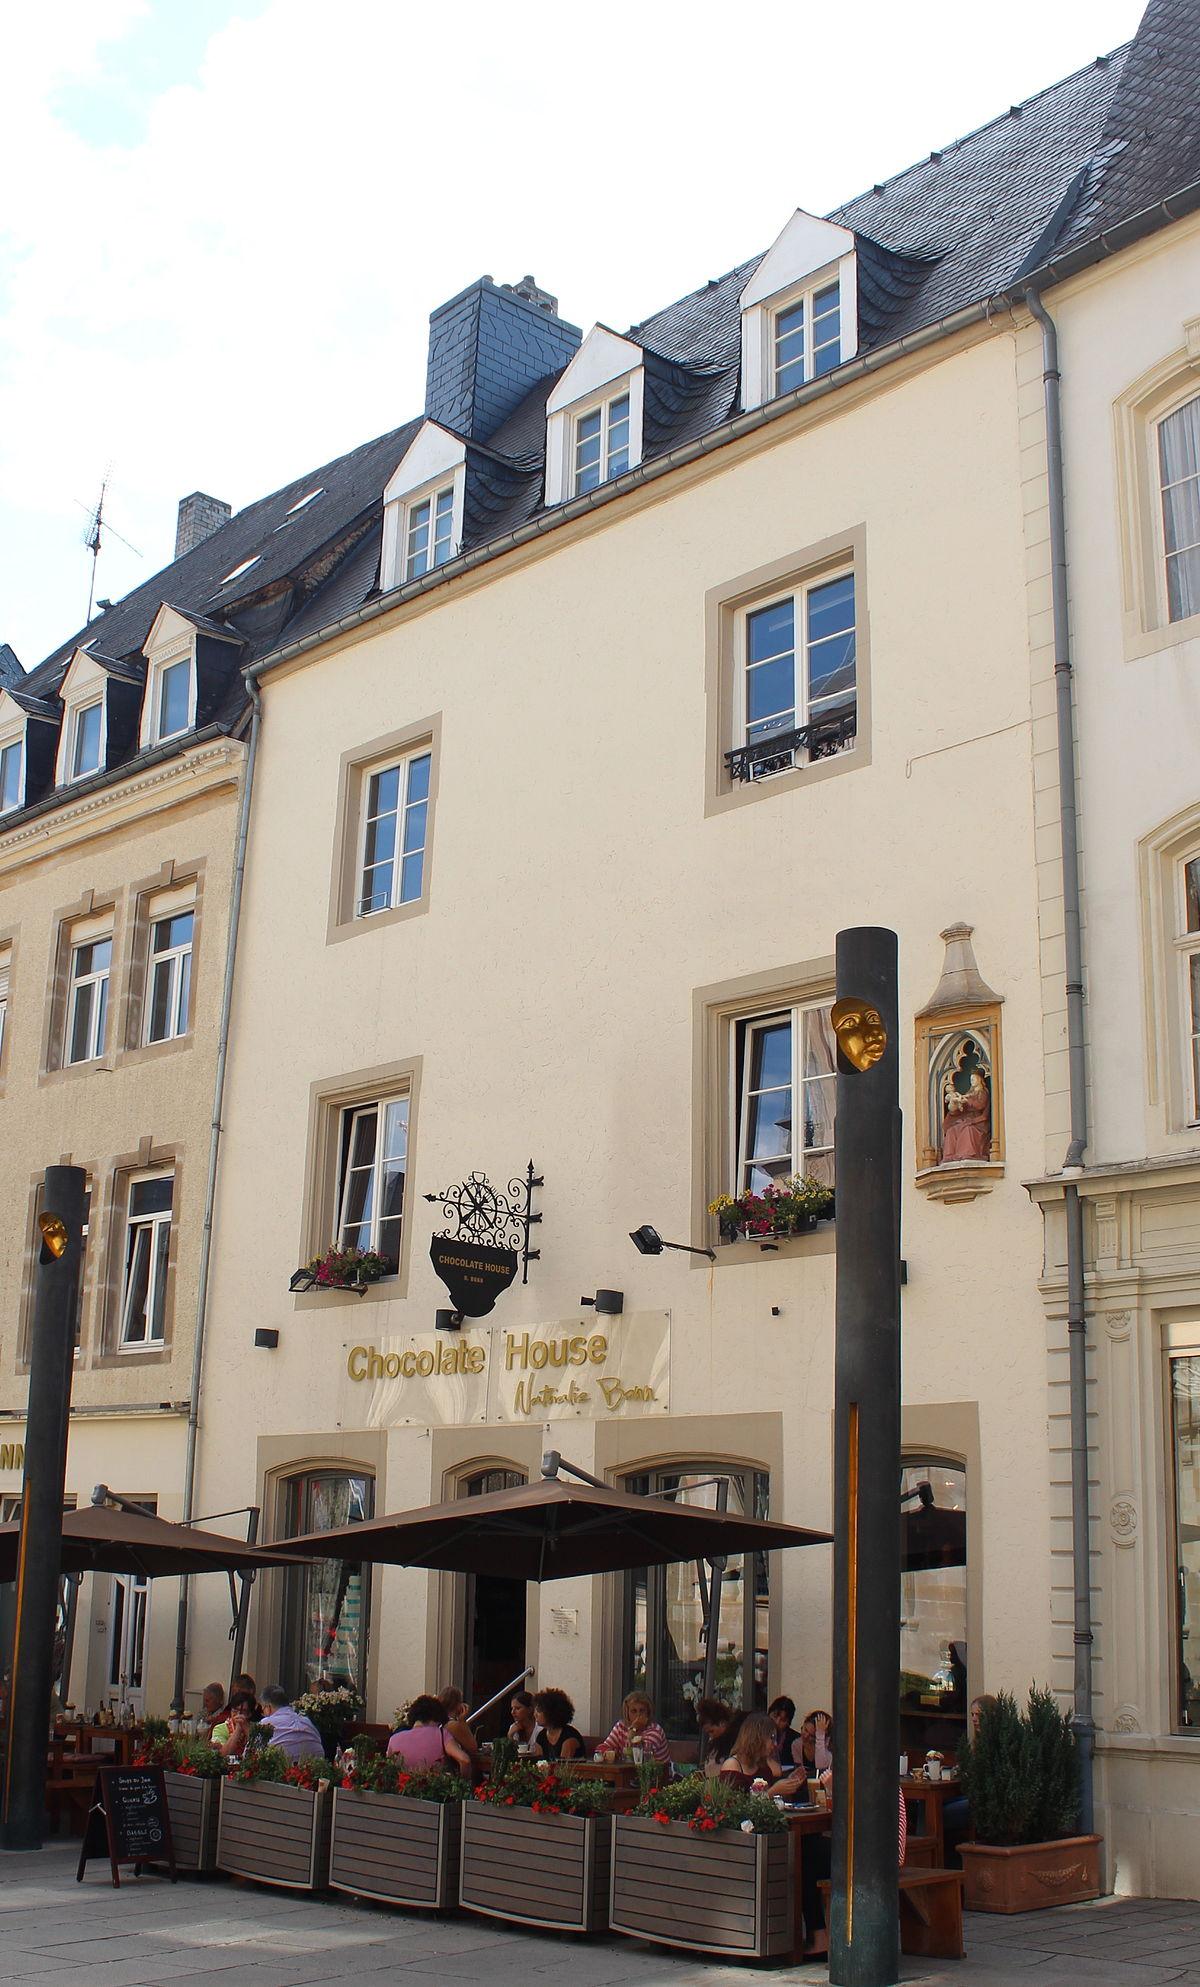 Haus h cklin von steinach wikipedia for Maison moderne luxembourg wikipedia